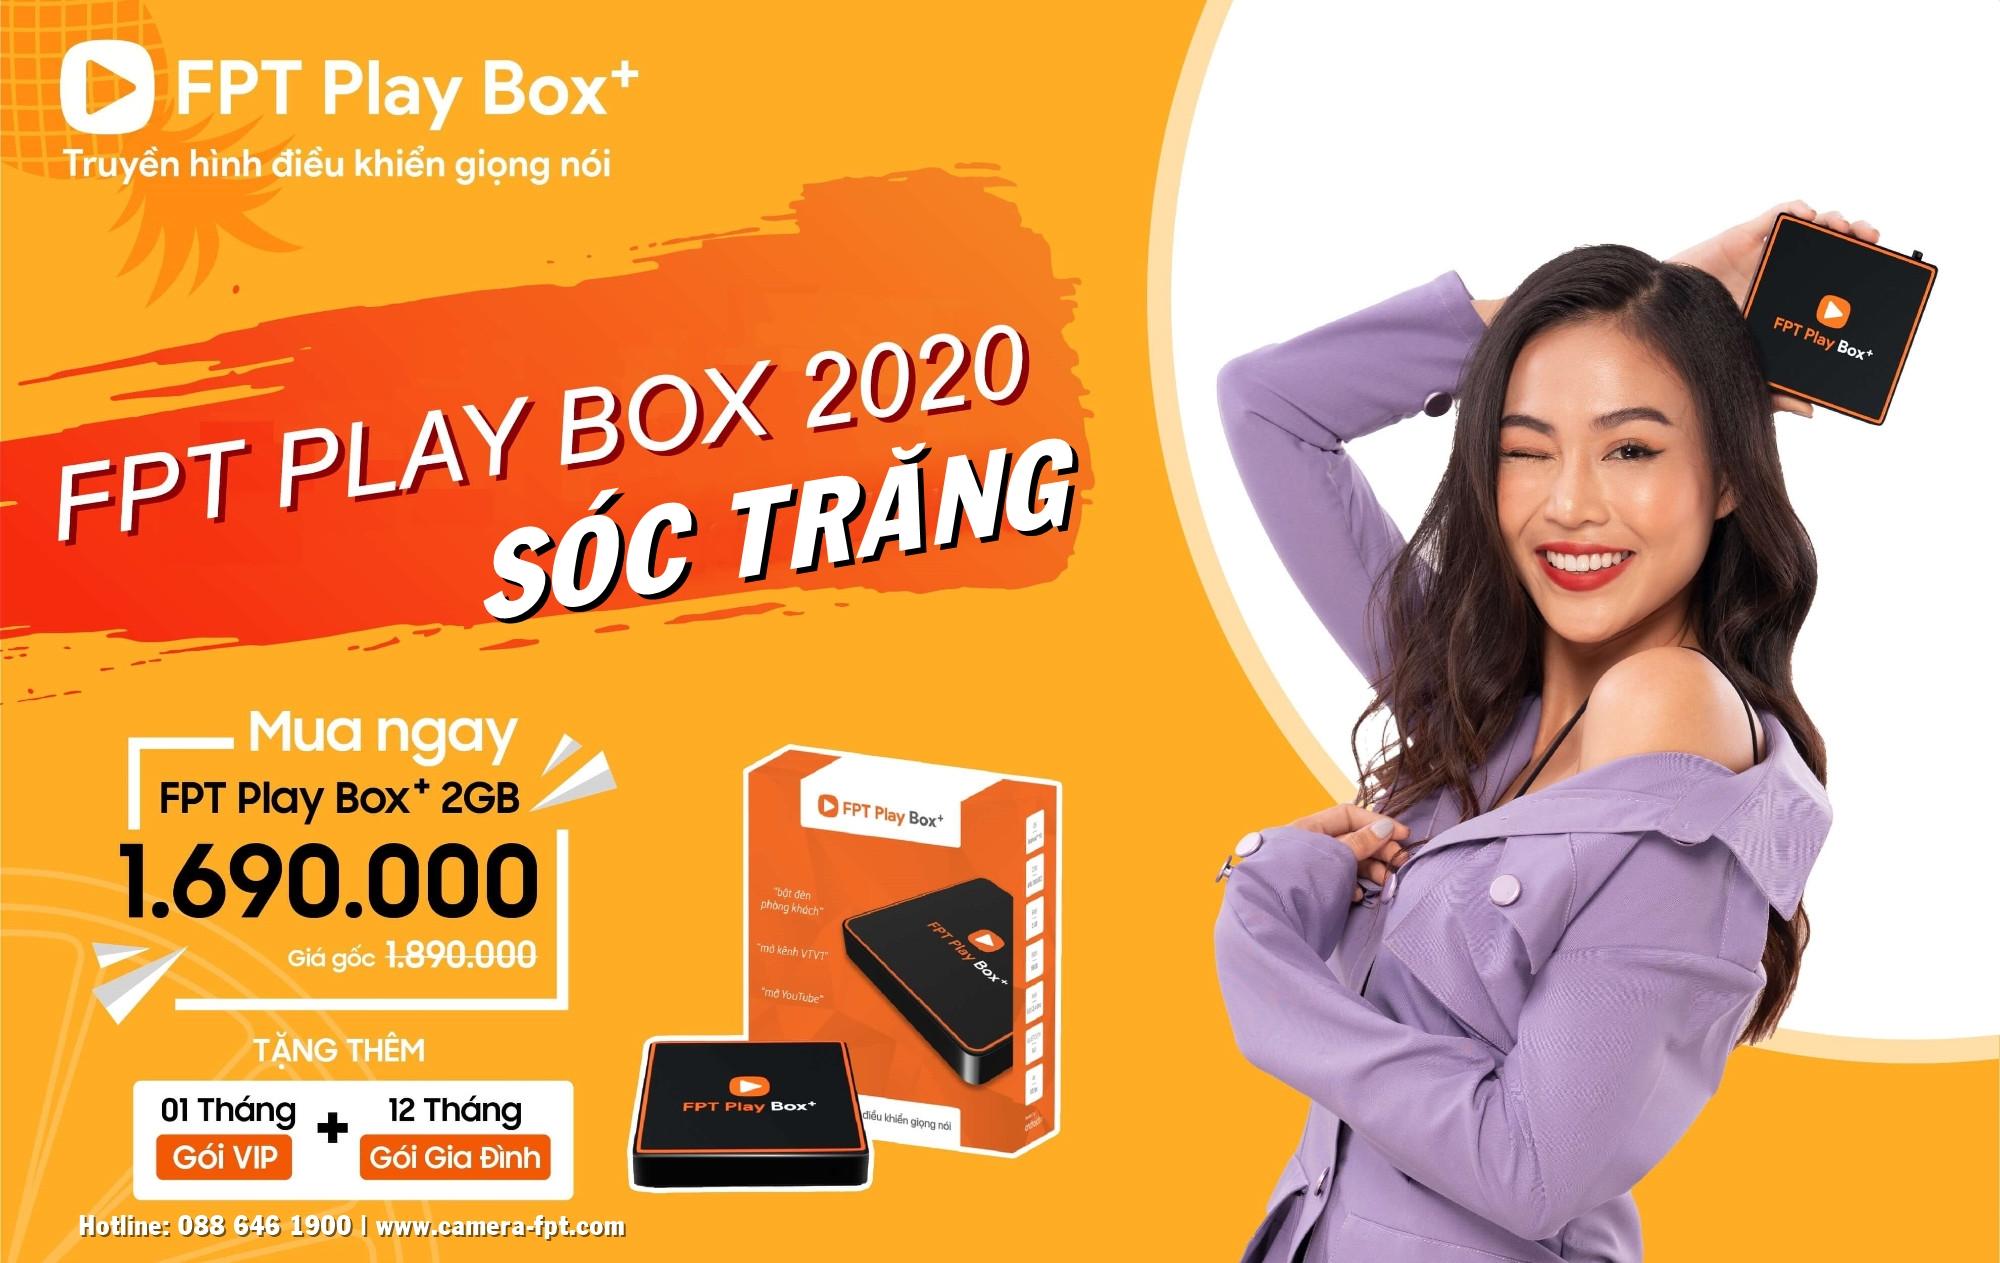 Mua FPT Play BOX tại Sóc Trăng ✓ Tặng 12 tháng xem truyền hình cáp